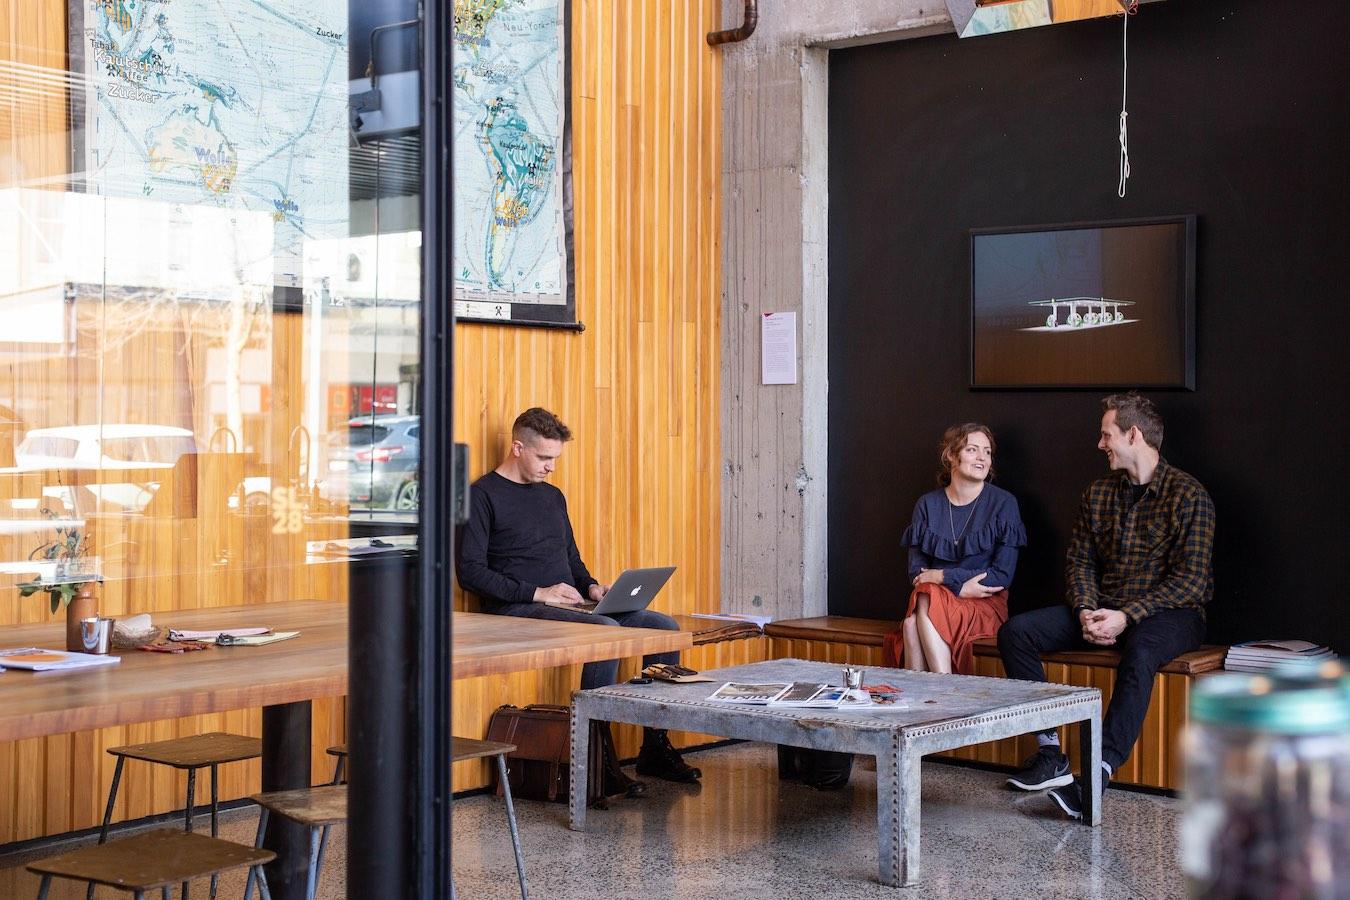 SL28 Cafe Hamilton, New Zealand